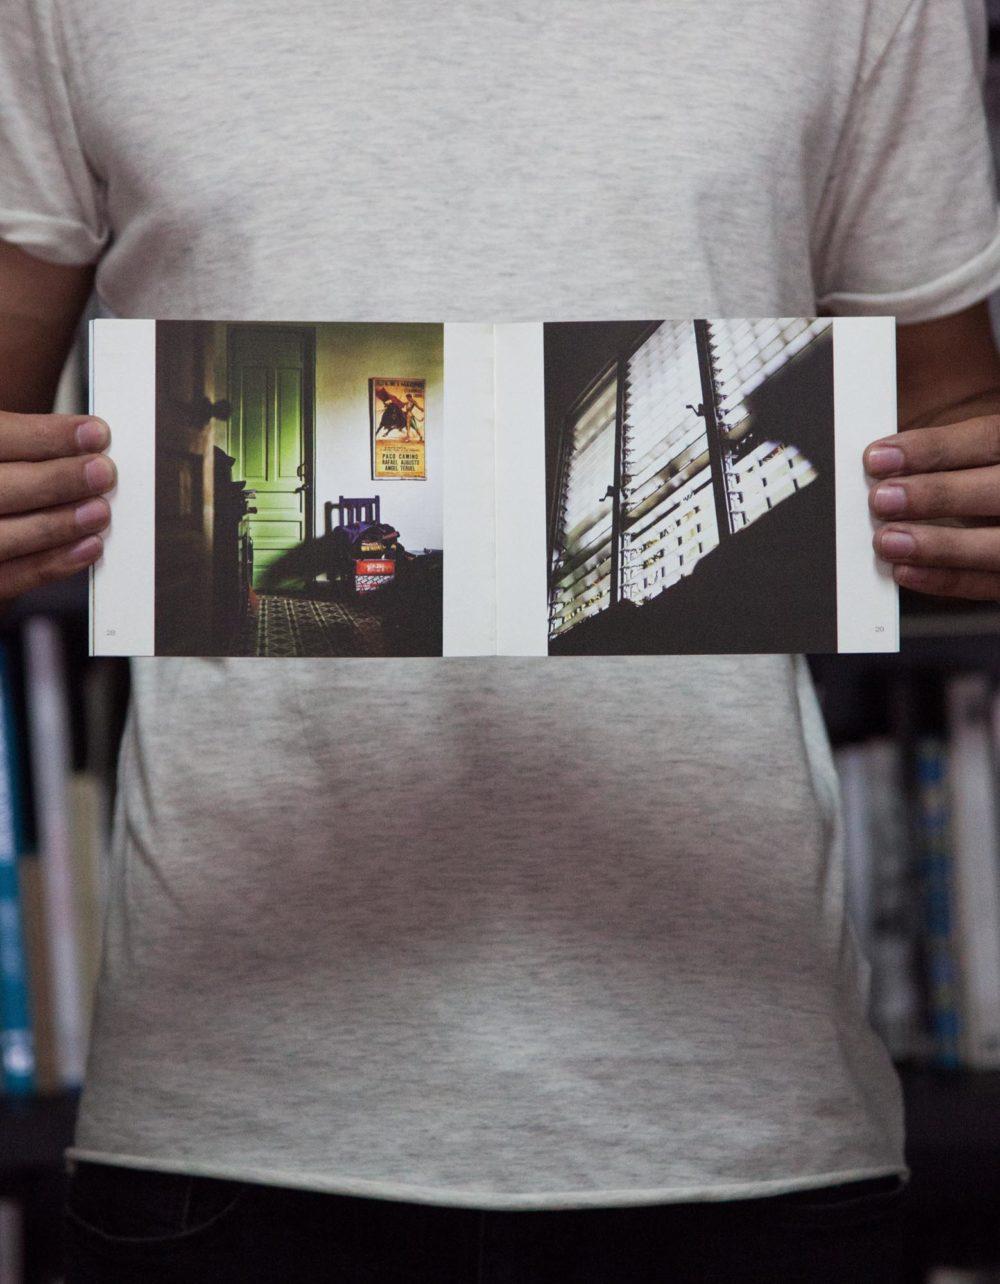 Espacios Habitables Book by Alejandro Cartagena, Published 2005 by CONARTE